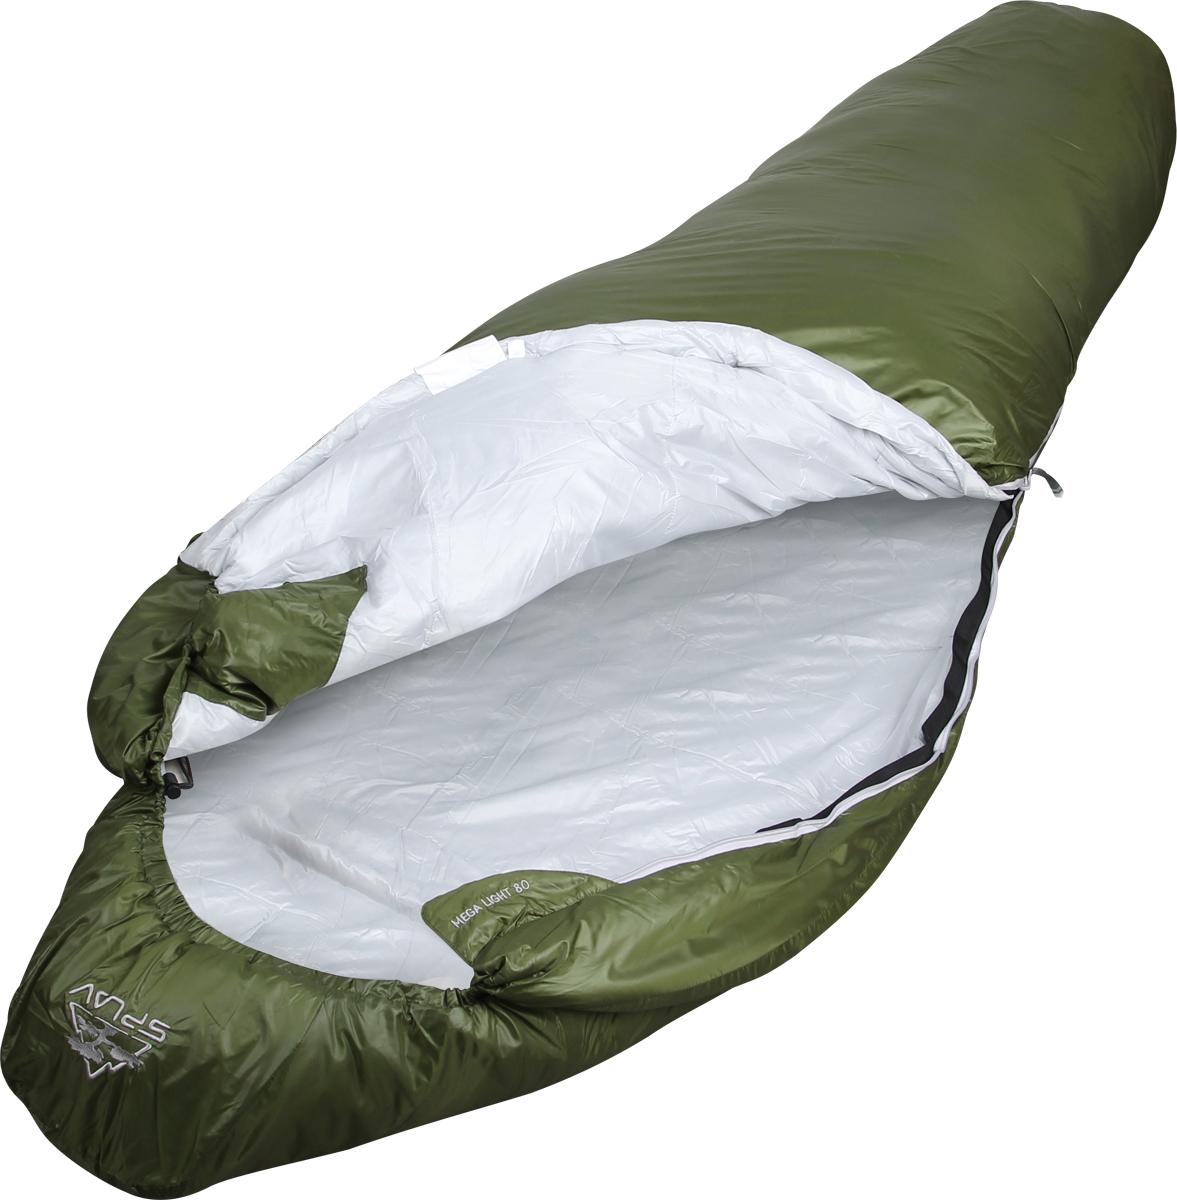 Мешок спальный Сплав Mega Light 80, левосторонняя молния, цвет: зеленый, 205 x 75 x 50 см мешок спальный сплав ranger 2 левосторонняя молния цвет зеленый 210 x 80 x 55 см